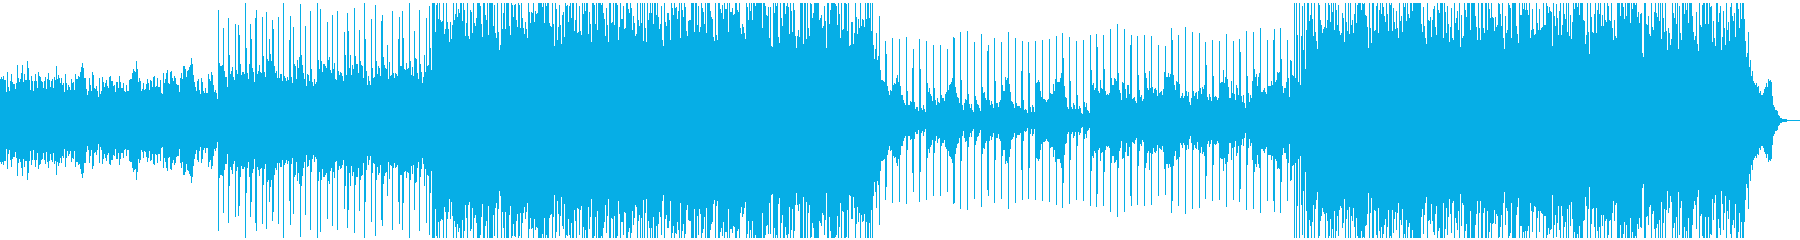 ロックでメタルな曲の再生済みの波形